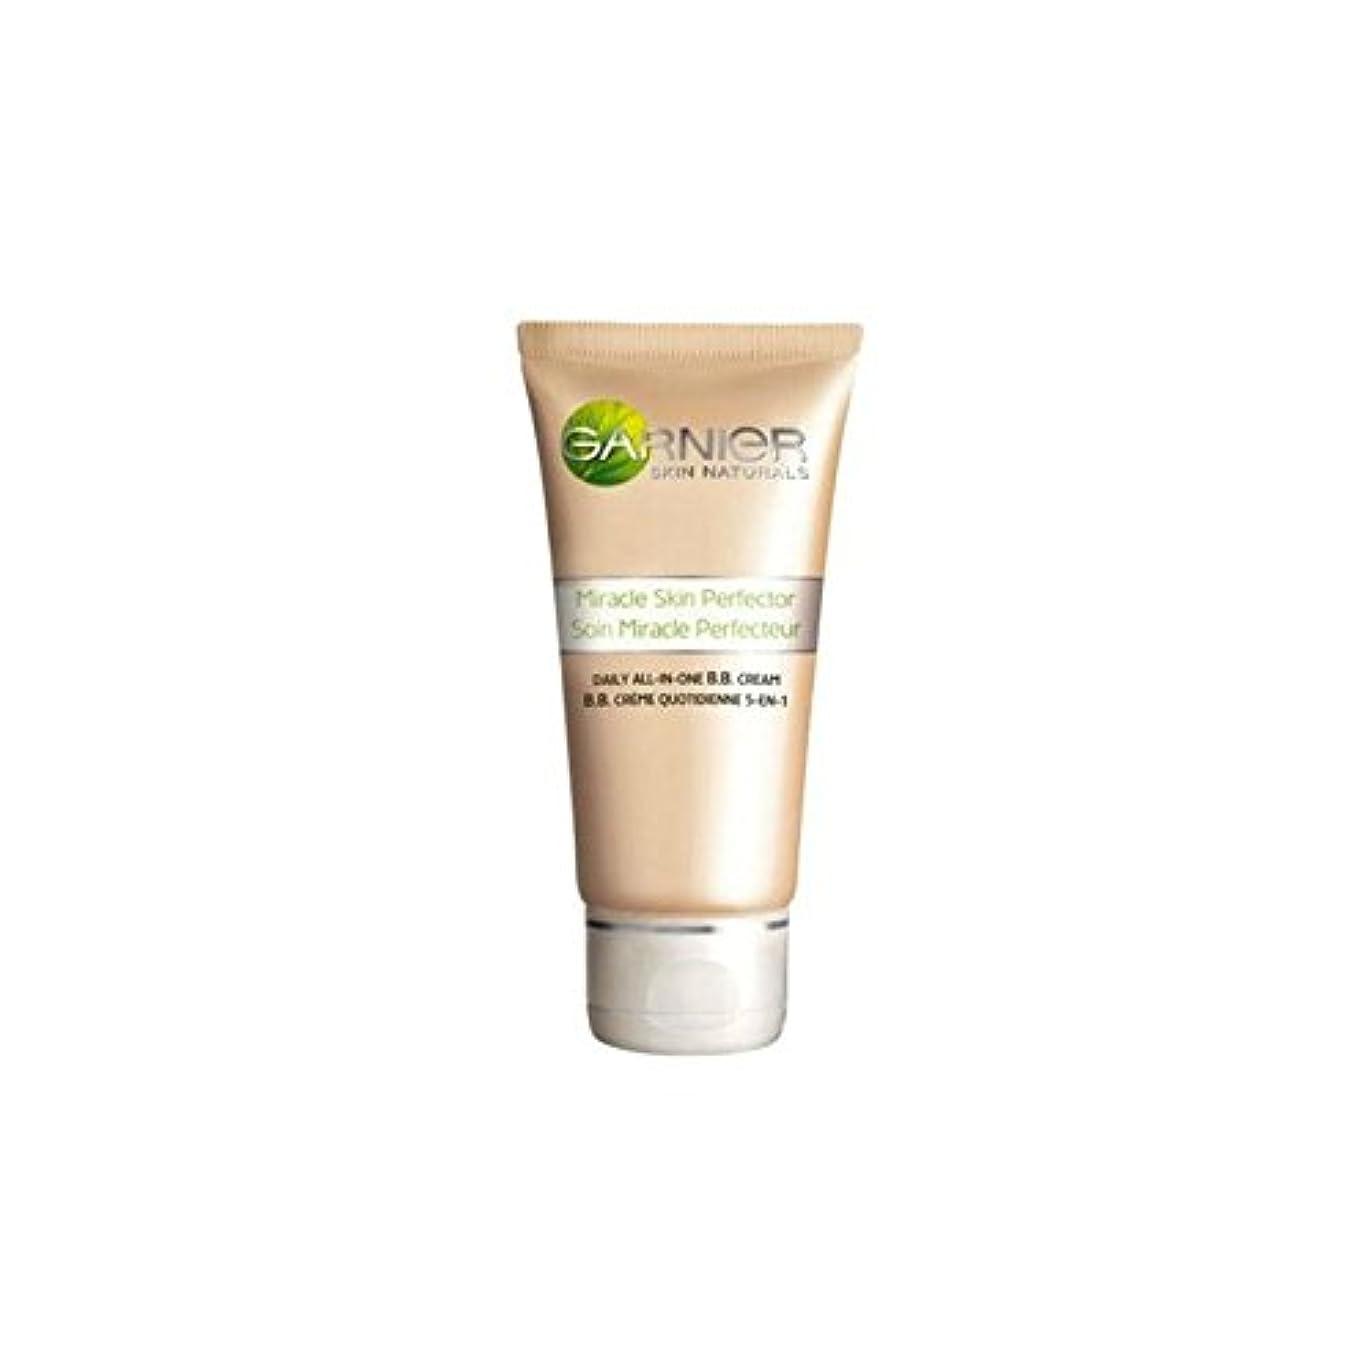 意志憤る強風Garnier Original Medium Bb Cream (50ml) - ガルニエオリジナル媒体クリーム(50)中 [並行輸入品]